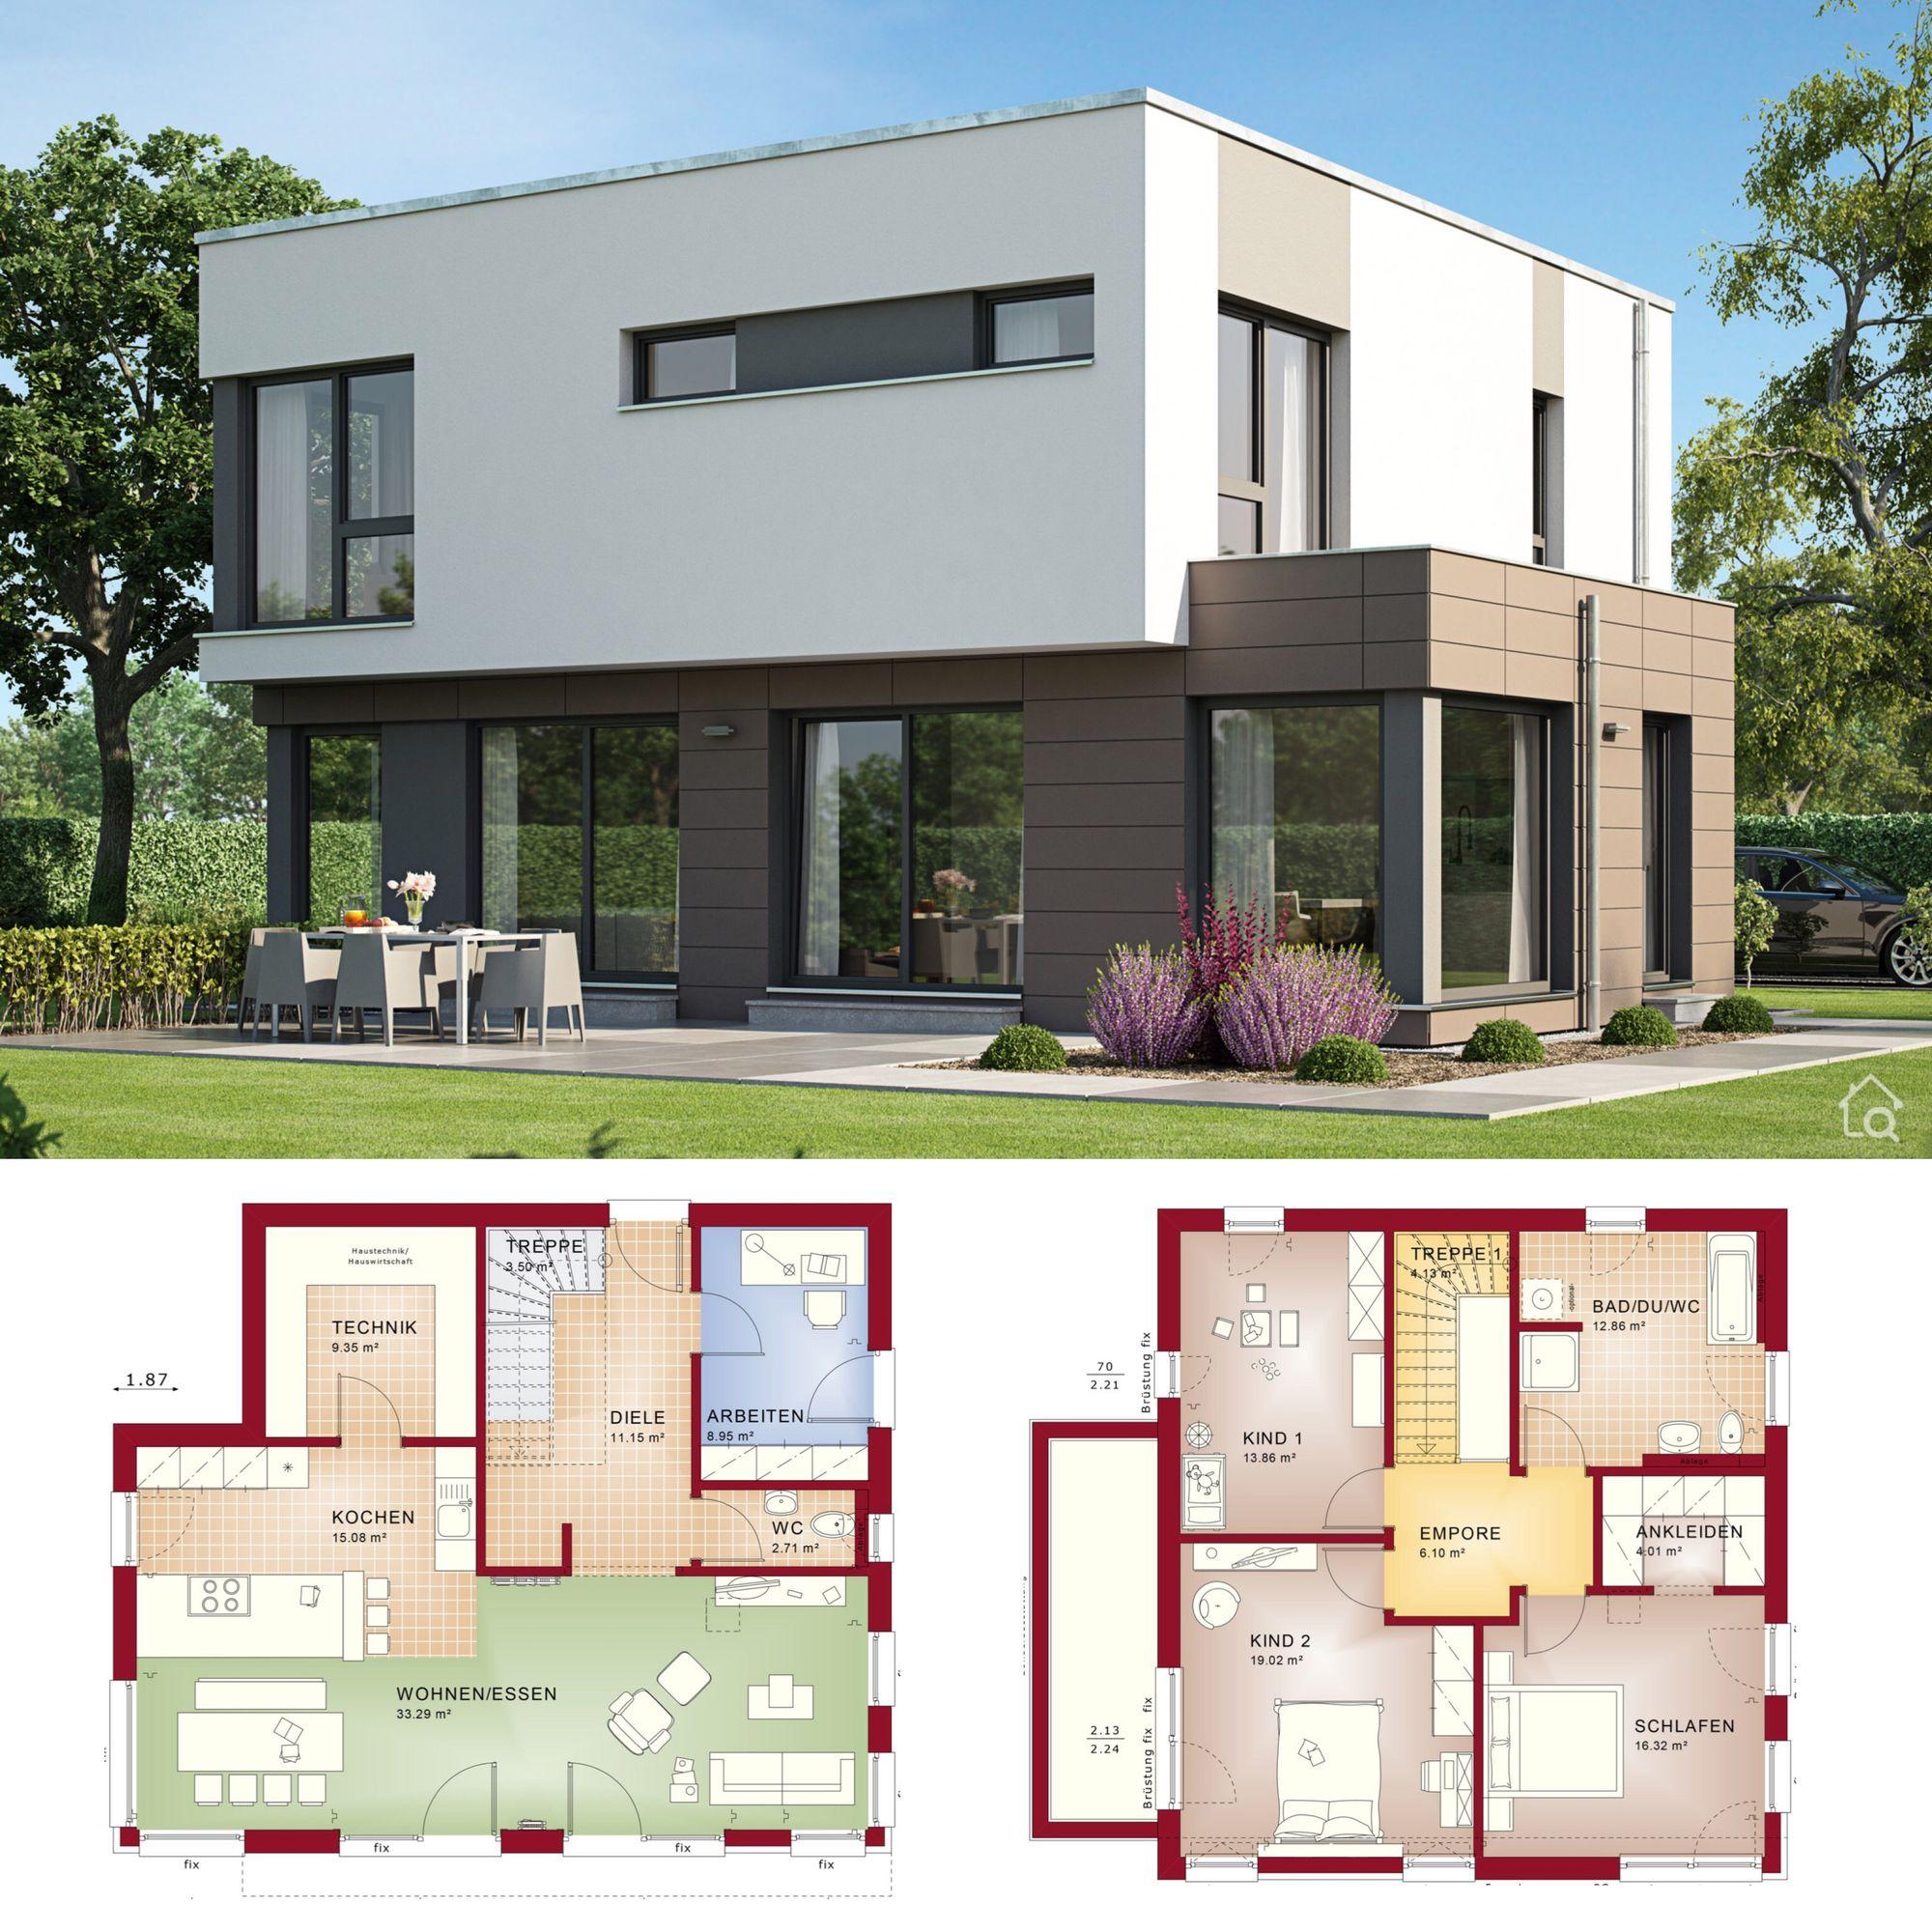 Einfamilienhaus modern mit Flachdach Architektur im